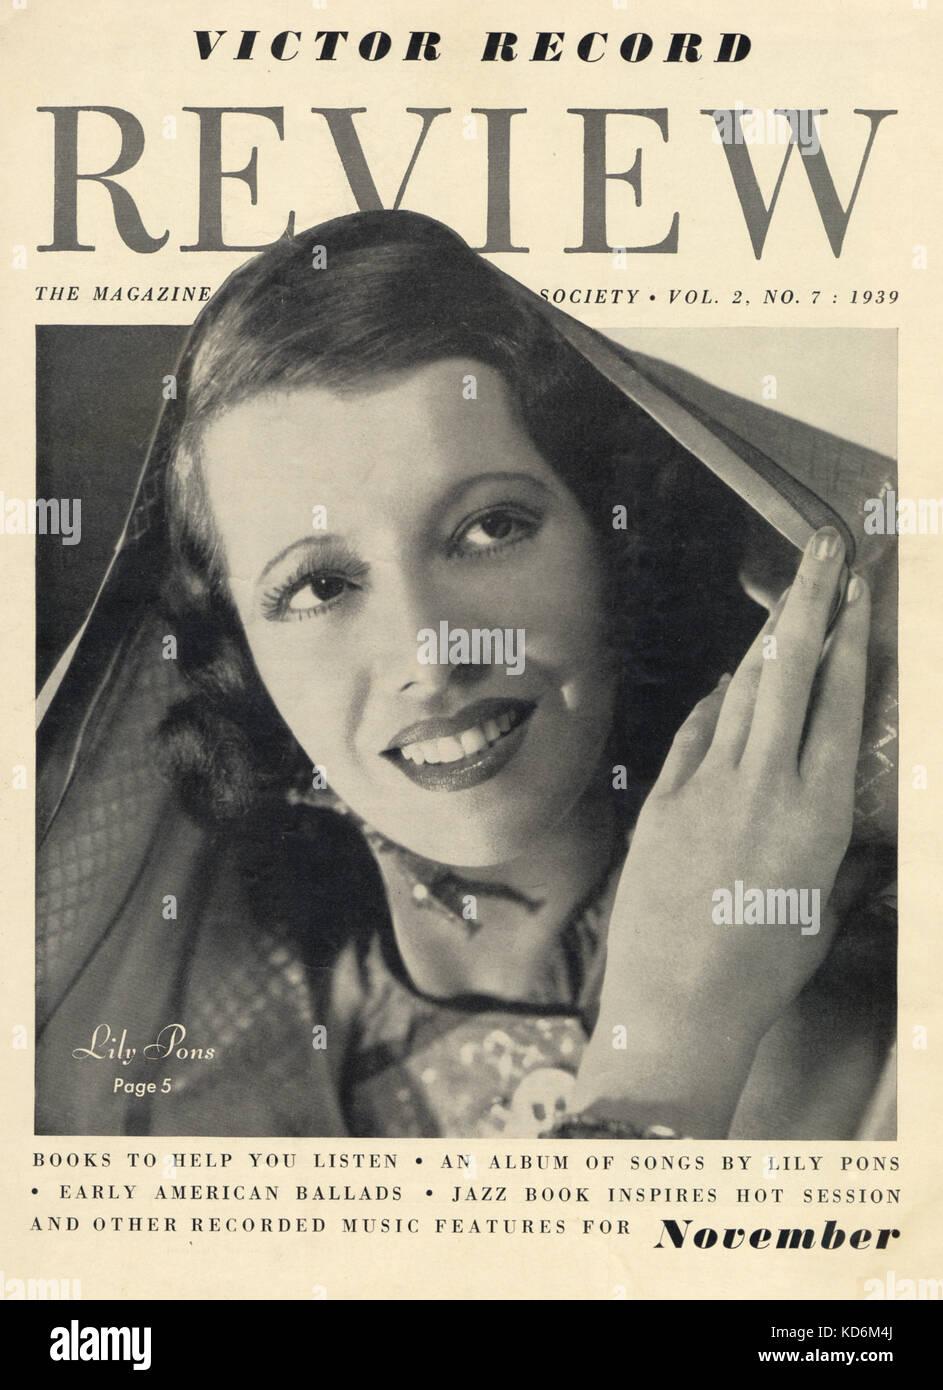 Erin Gray Erotic pics & movies Margaret Burton (actress),Susannah York (1939?011)